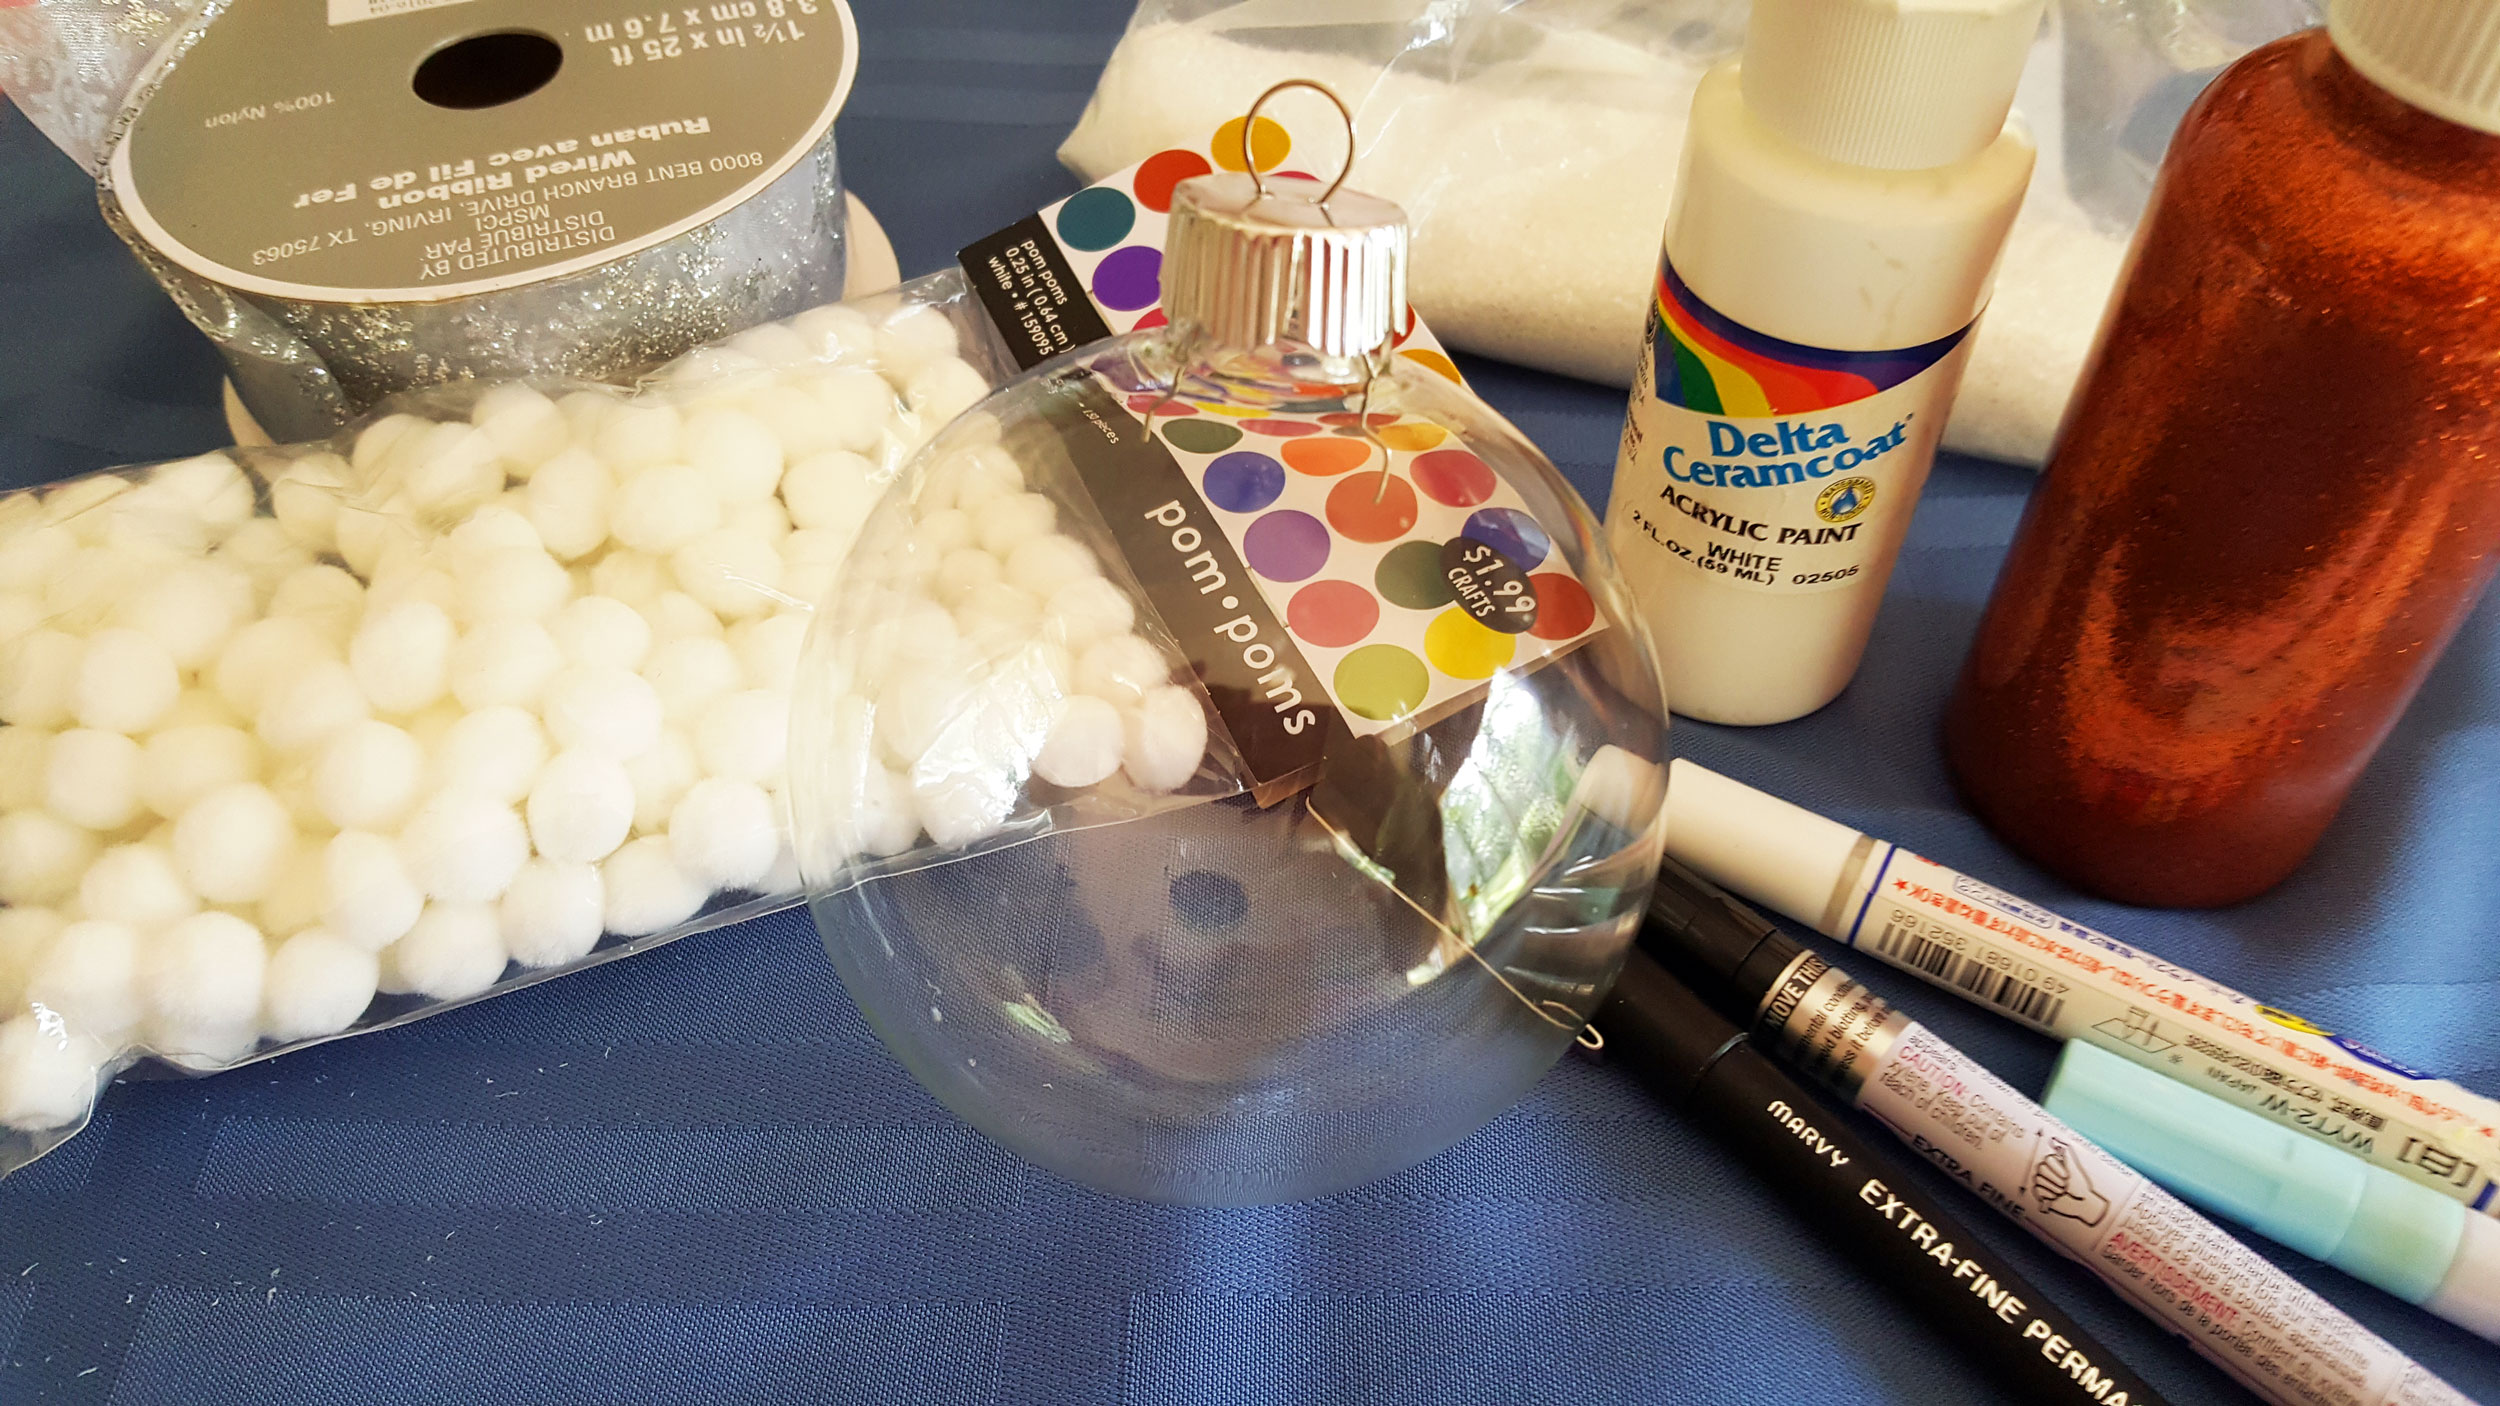 Fingerprint Snowman Ornament supplies including a glass ball, cotton balls, white paint and colorful paint markers. | OrnamentShop.com